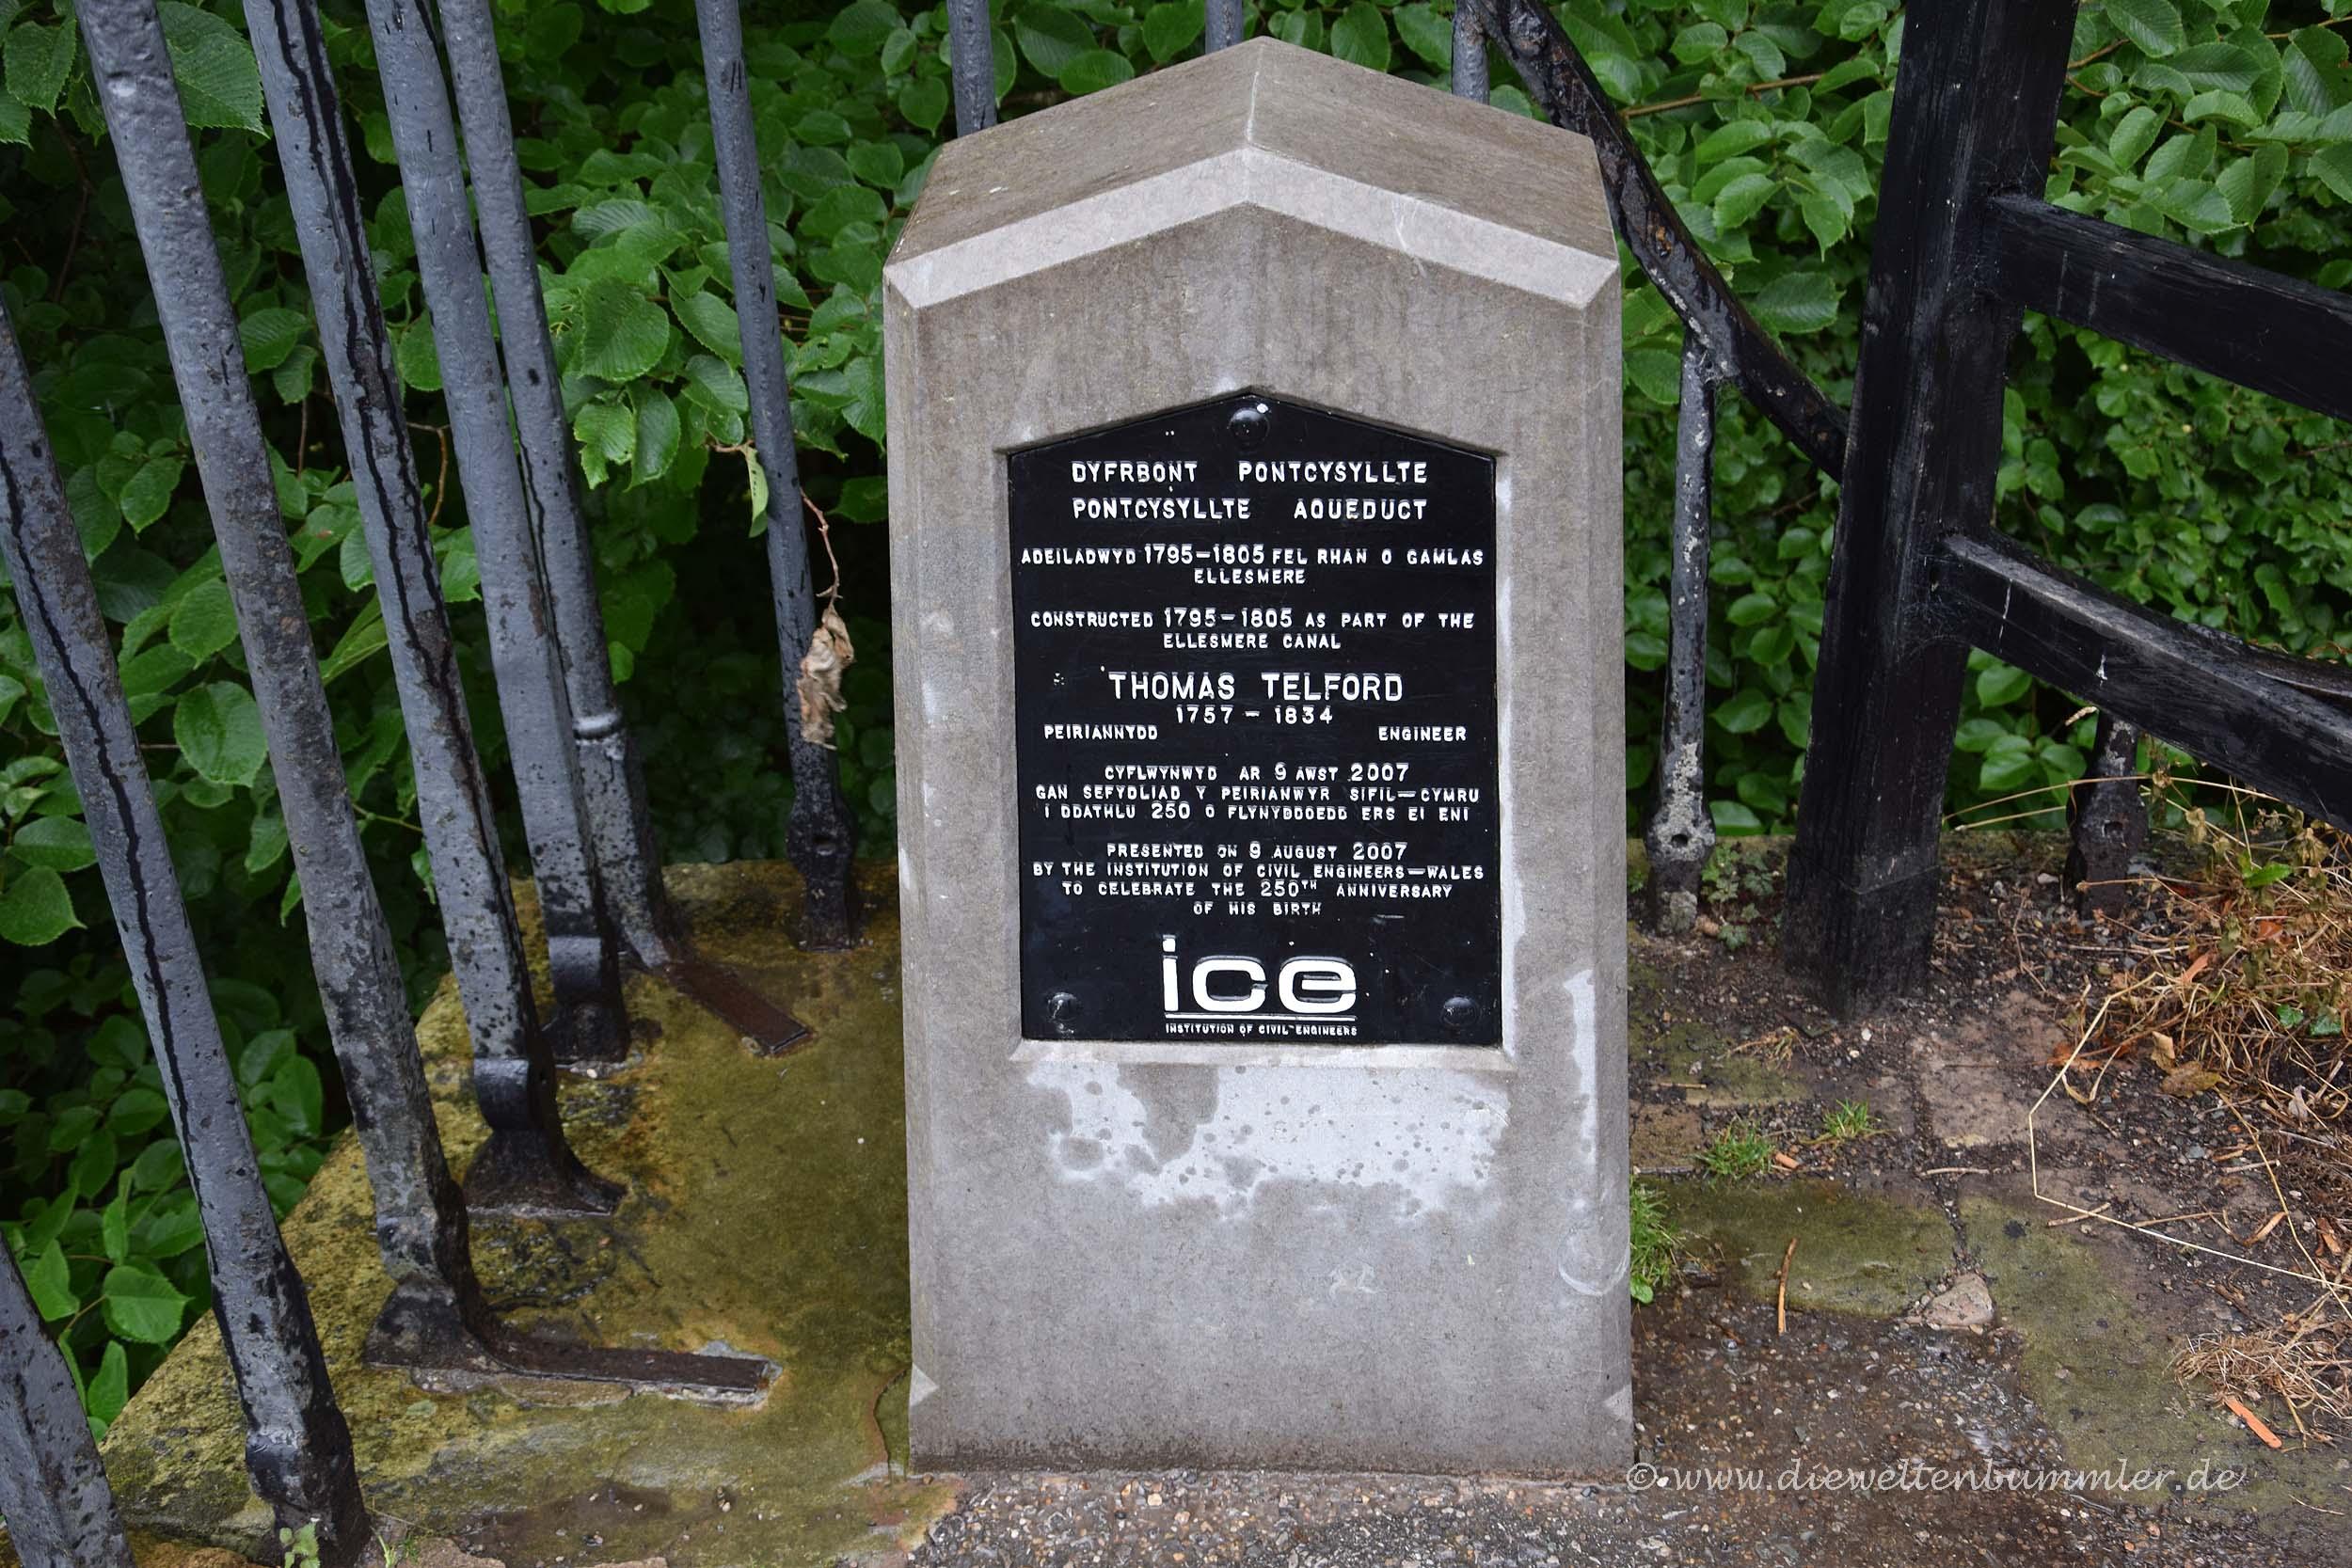 Denkmal für den Architekten Thomas Telford